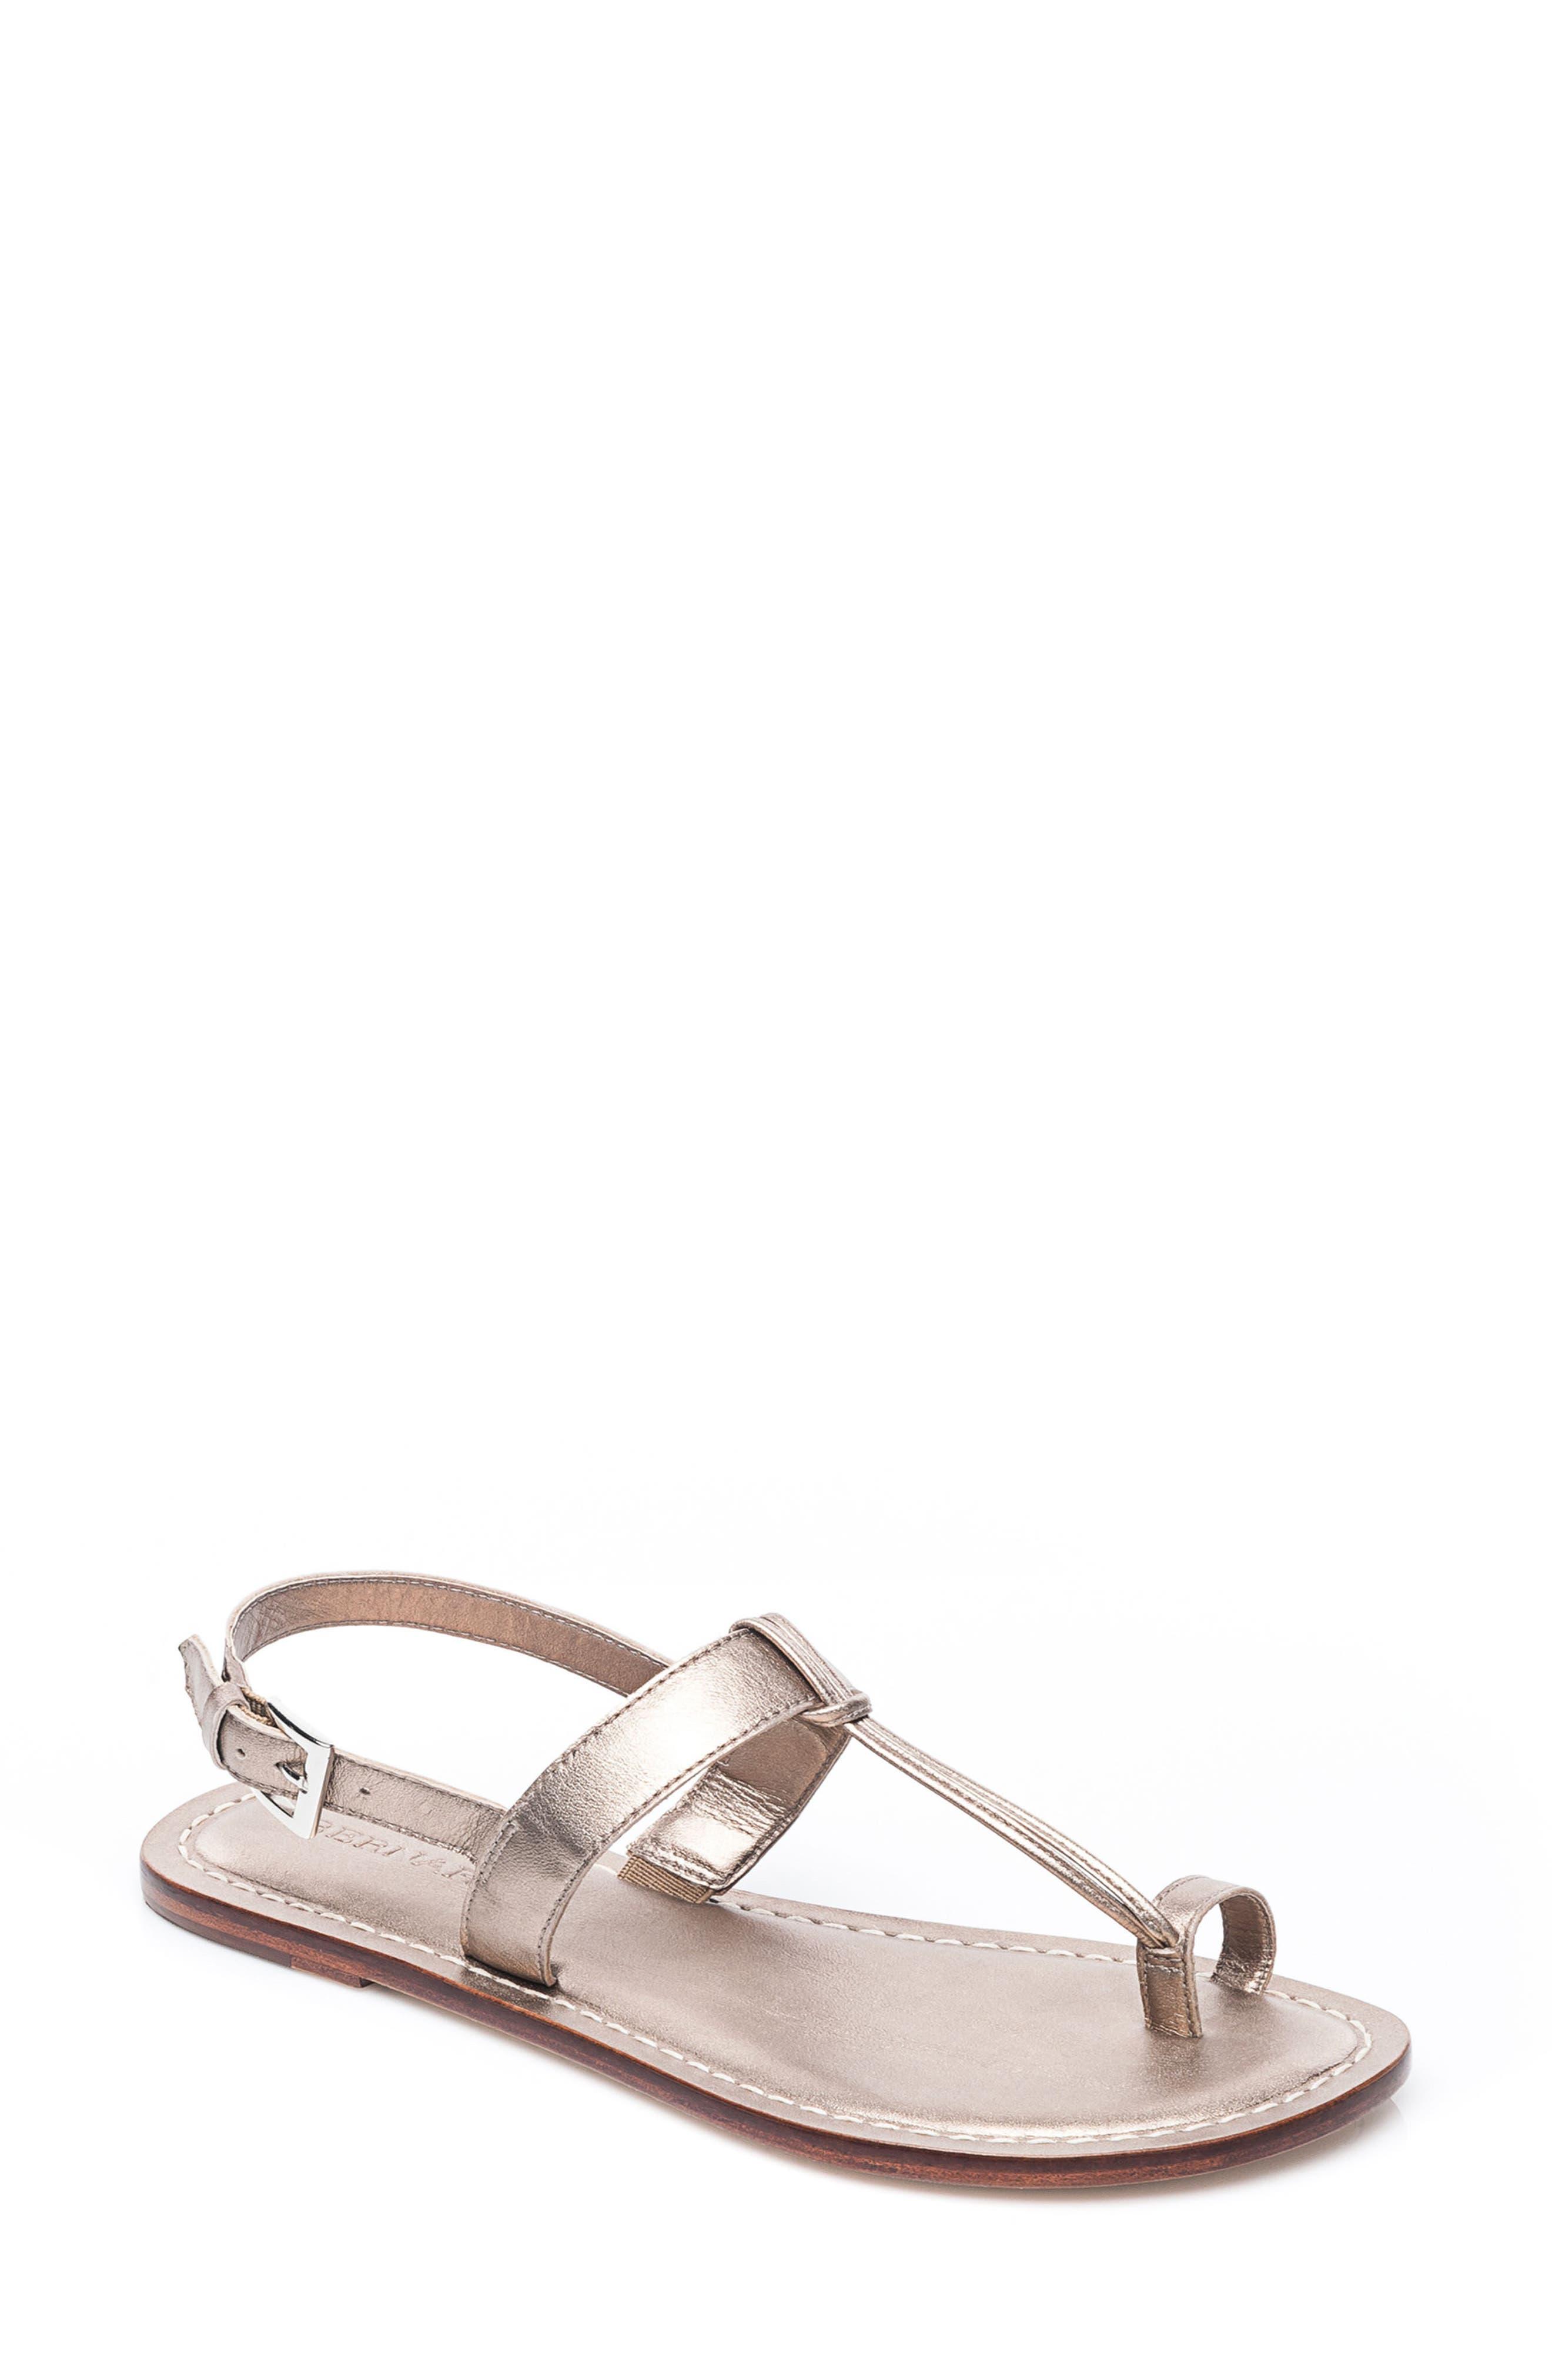 Bernardo Maverick Leather Sandal,                             Main thumbnail 1, color,                             Platinum Leather